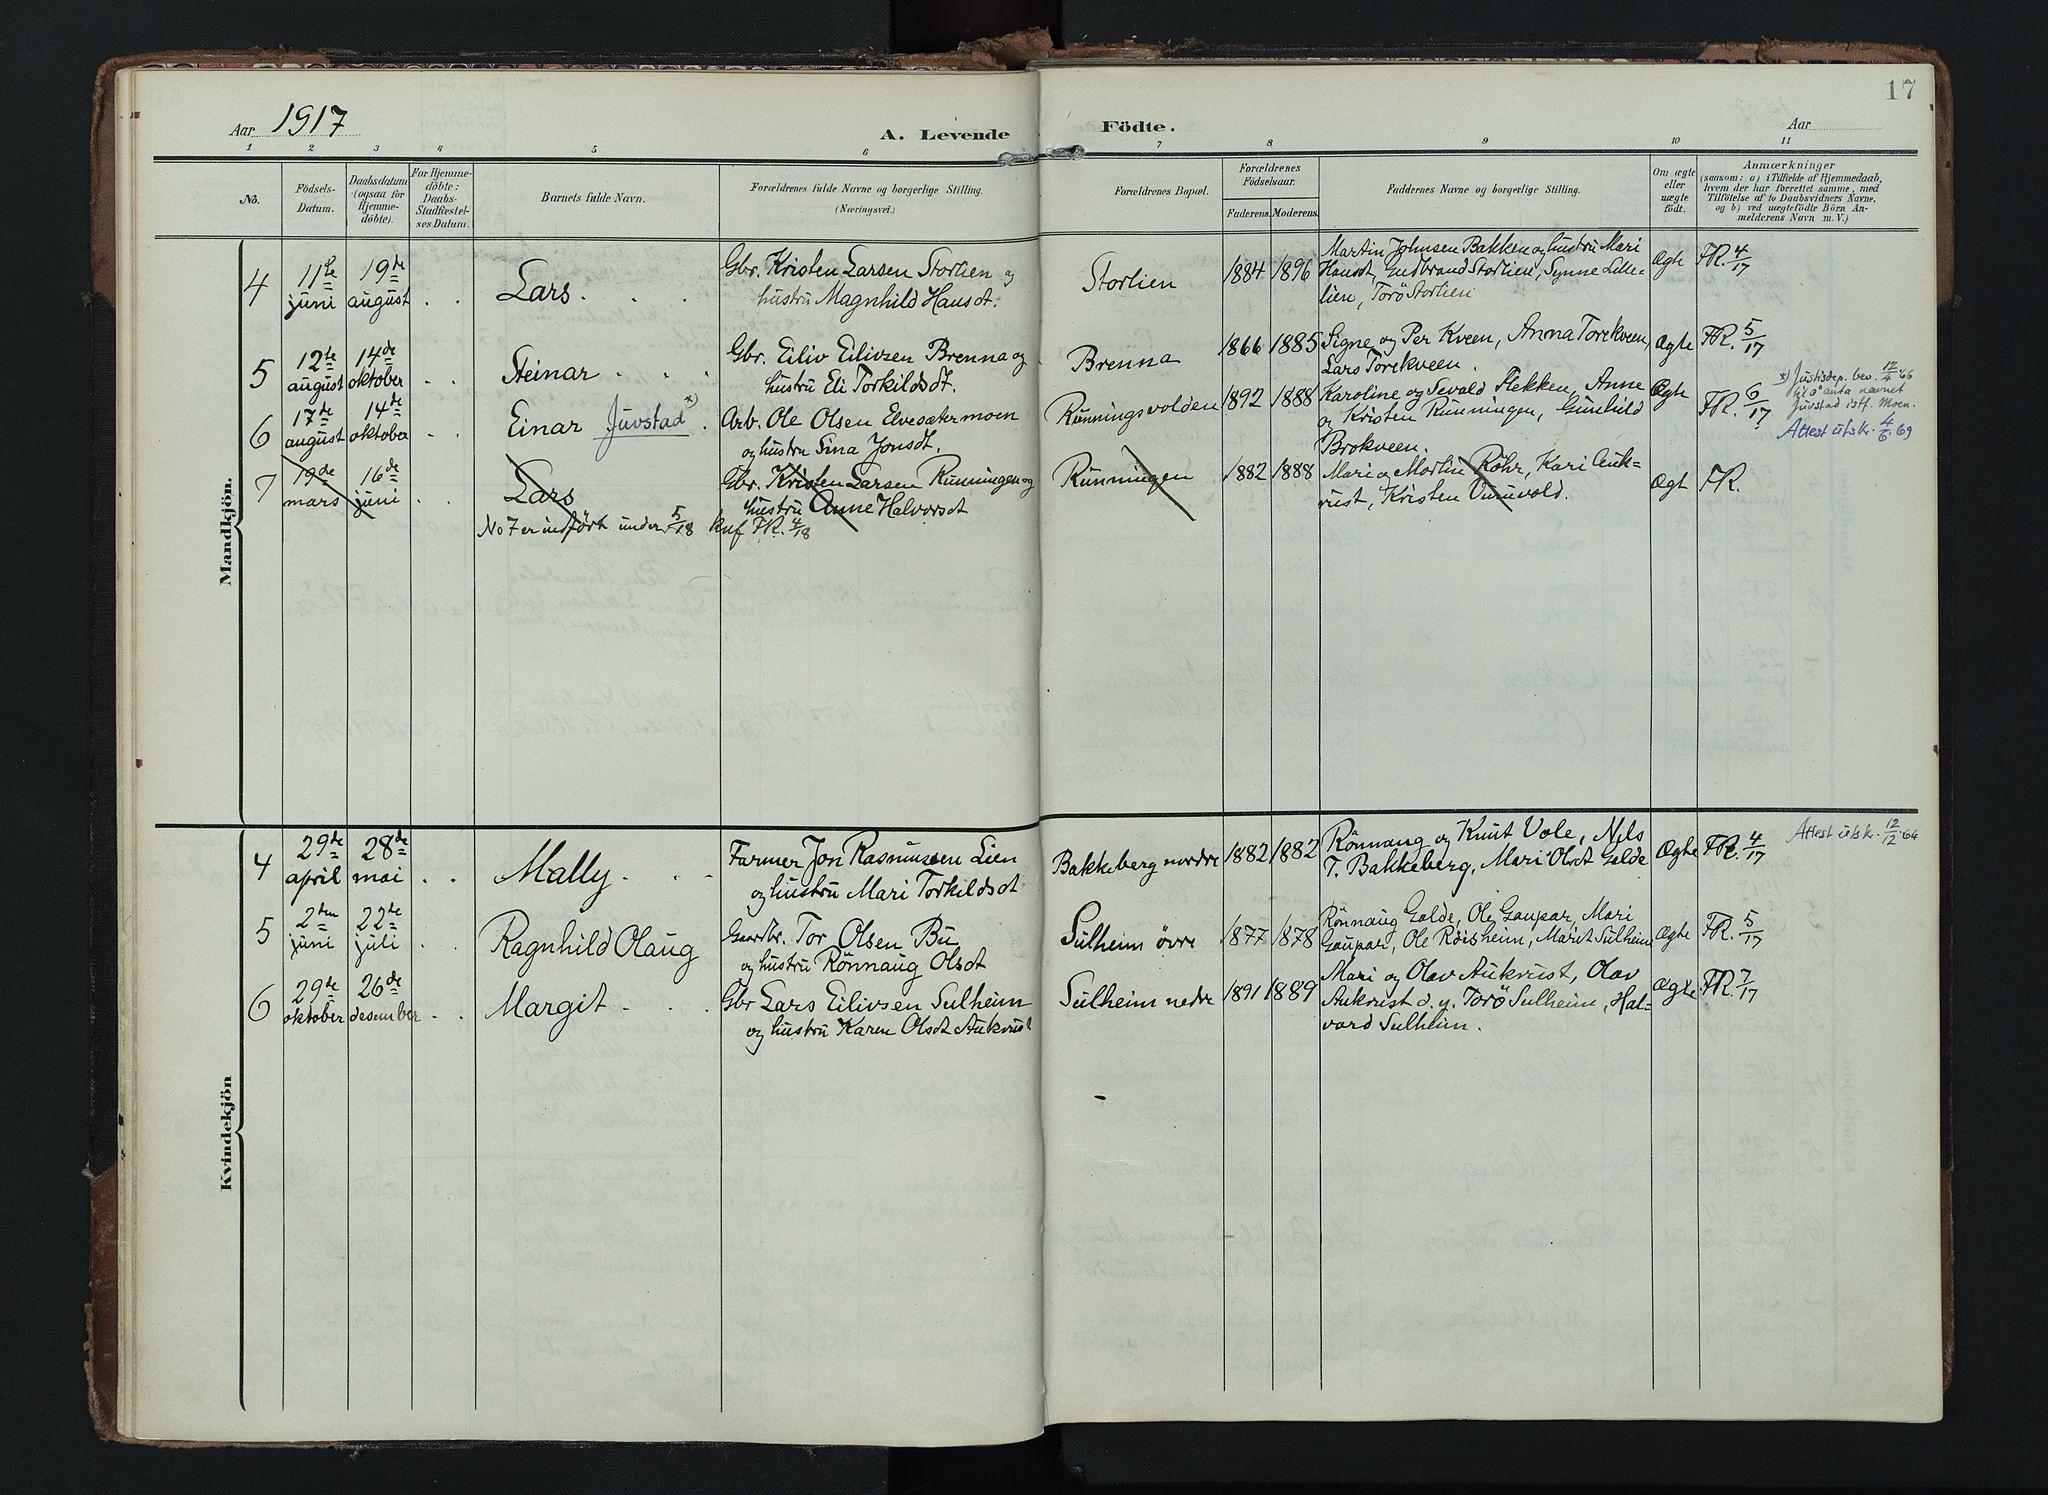 SAH, Lom prestekontor, K/L0012: Ministerialbok nr. 12, 1904-1928, s. 17